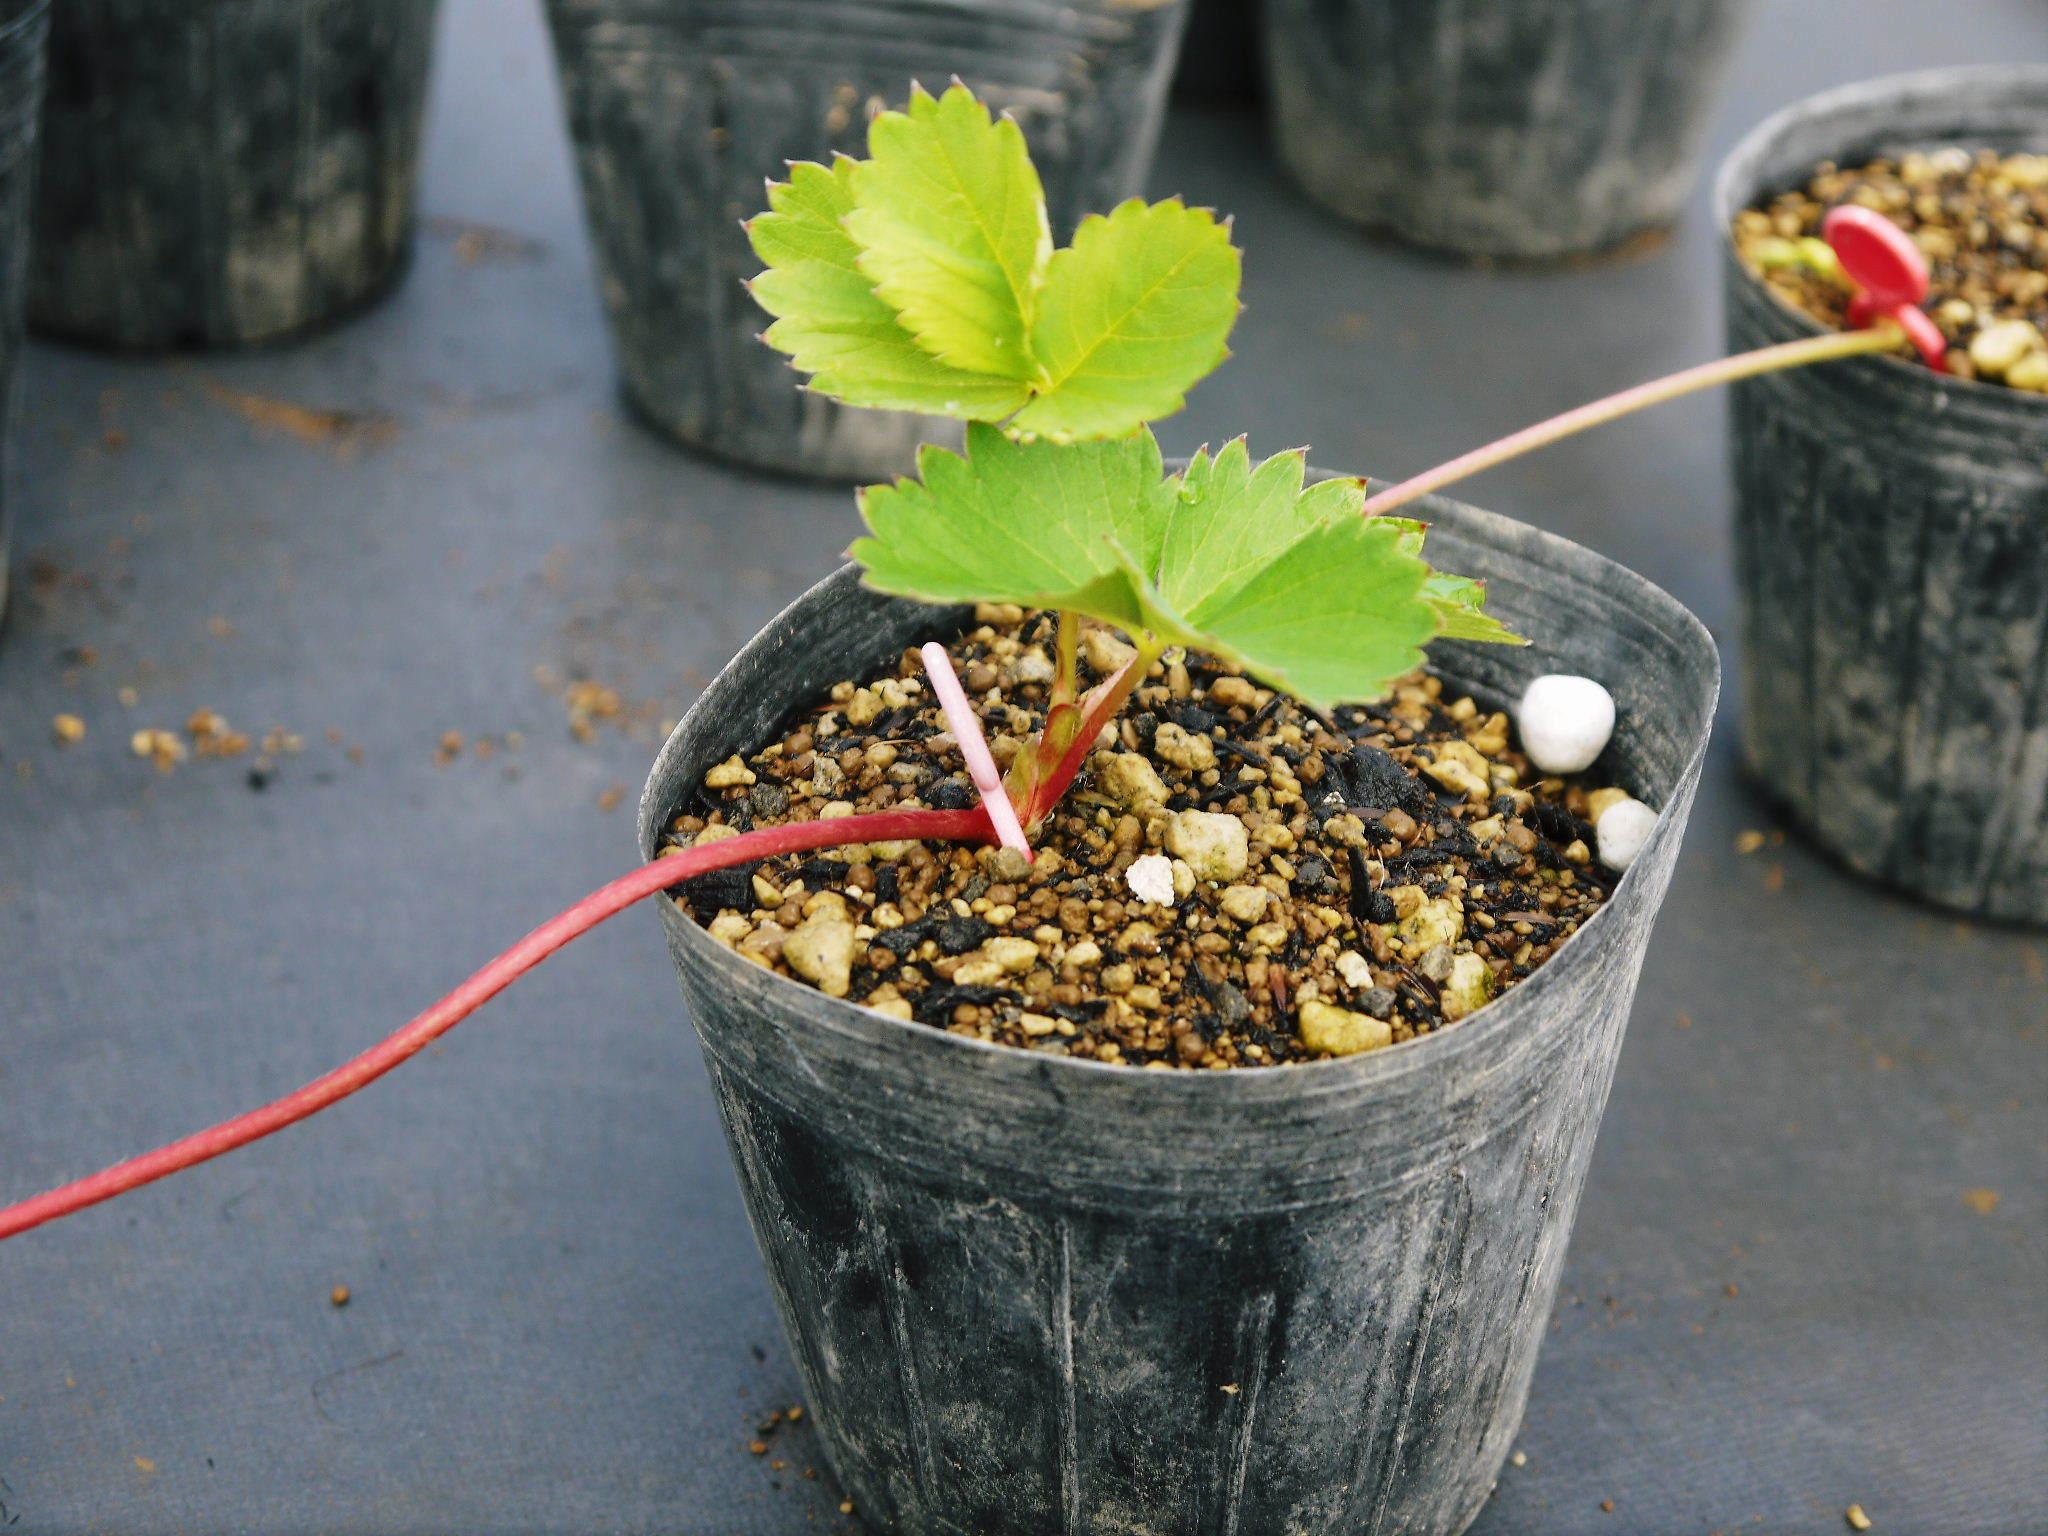 熊本いちご『熊紅』 苗床の様子を現地取材!(2020) 9月中旬の定植に向け元気に苗が成長していました!_a0254656_18565357.jpg